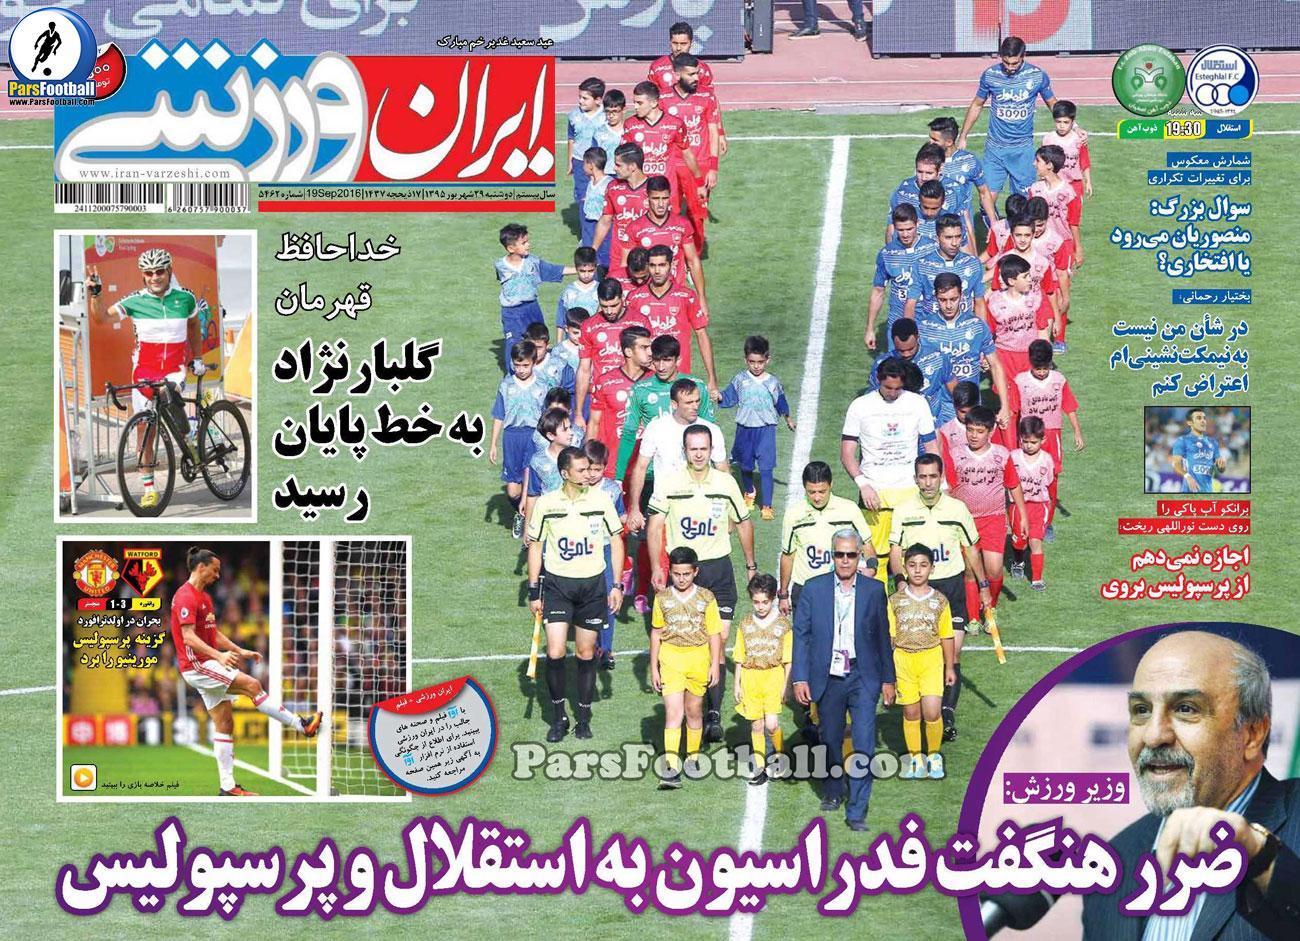 روزنامه ایران ورزشی دوشنبه 29 شهریور 95